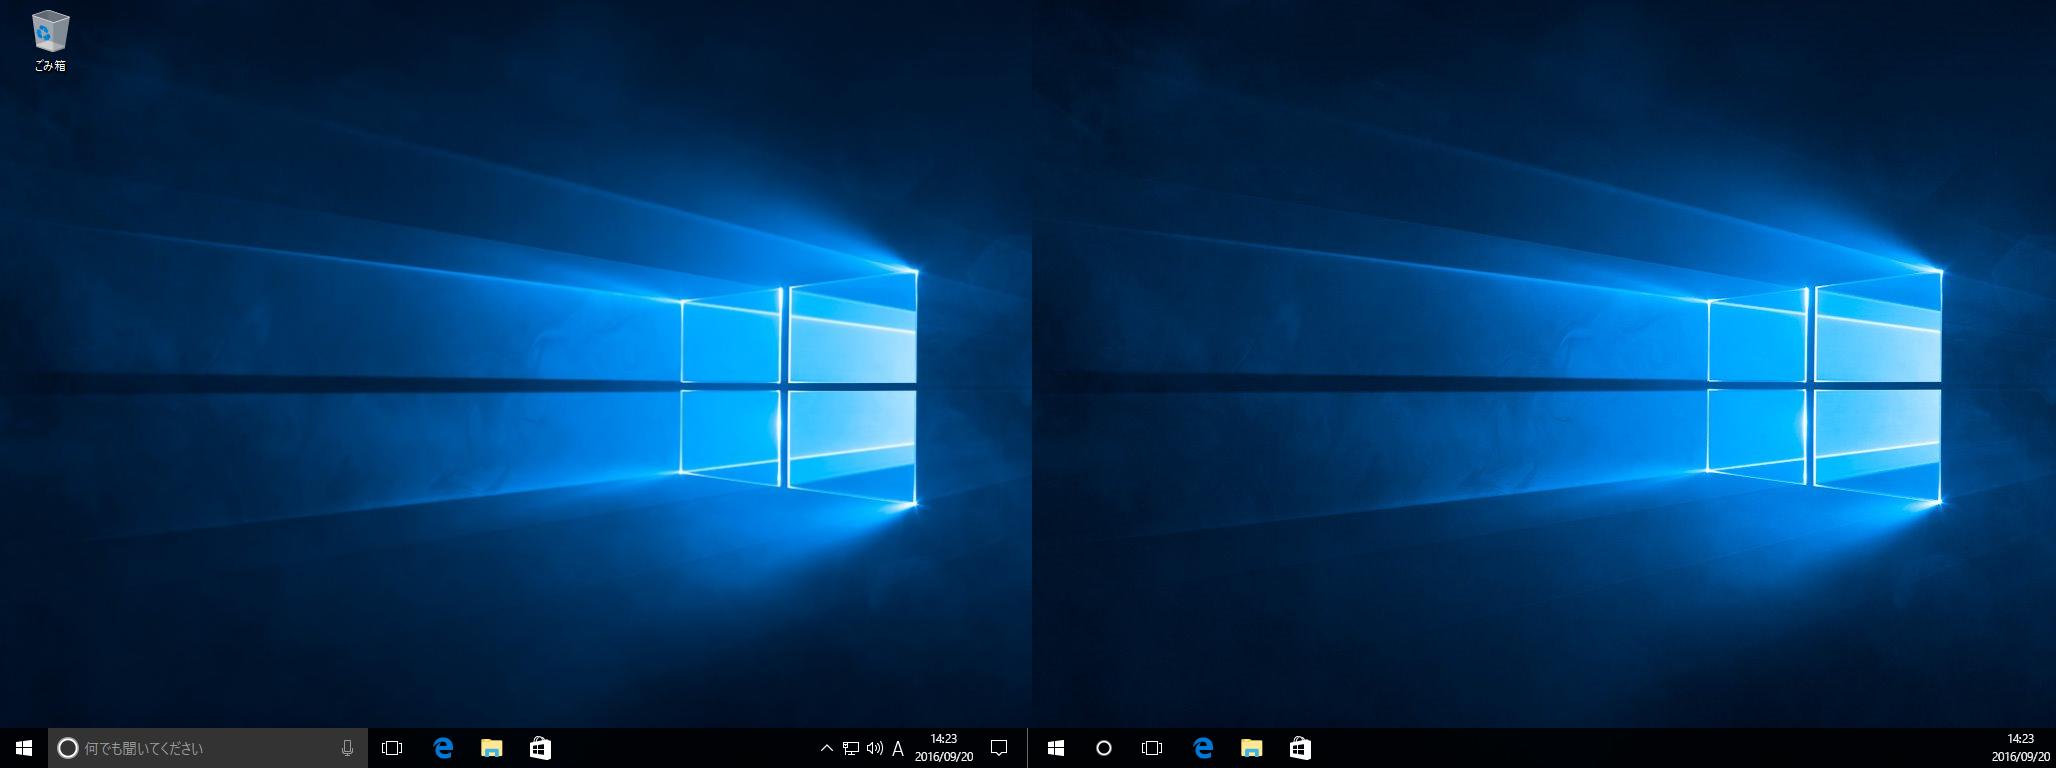 【Windows10】デュアルディスプレイの壁紙を ...